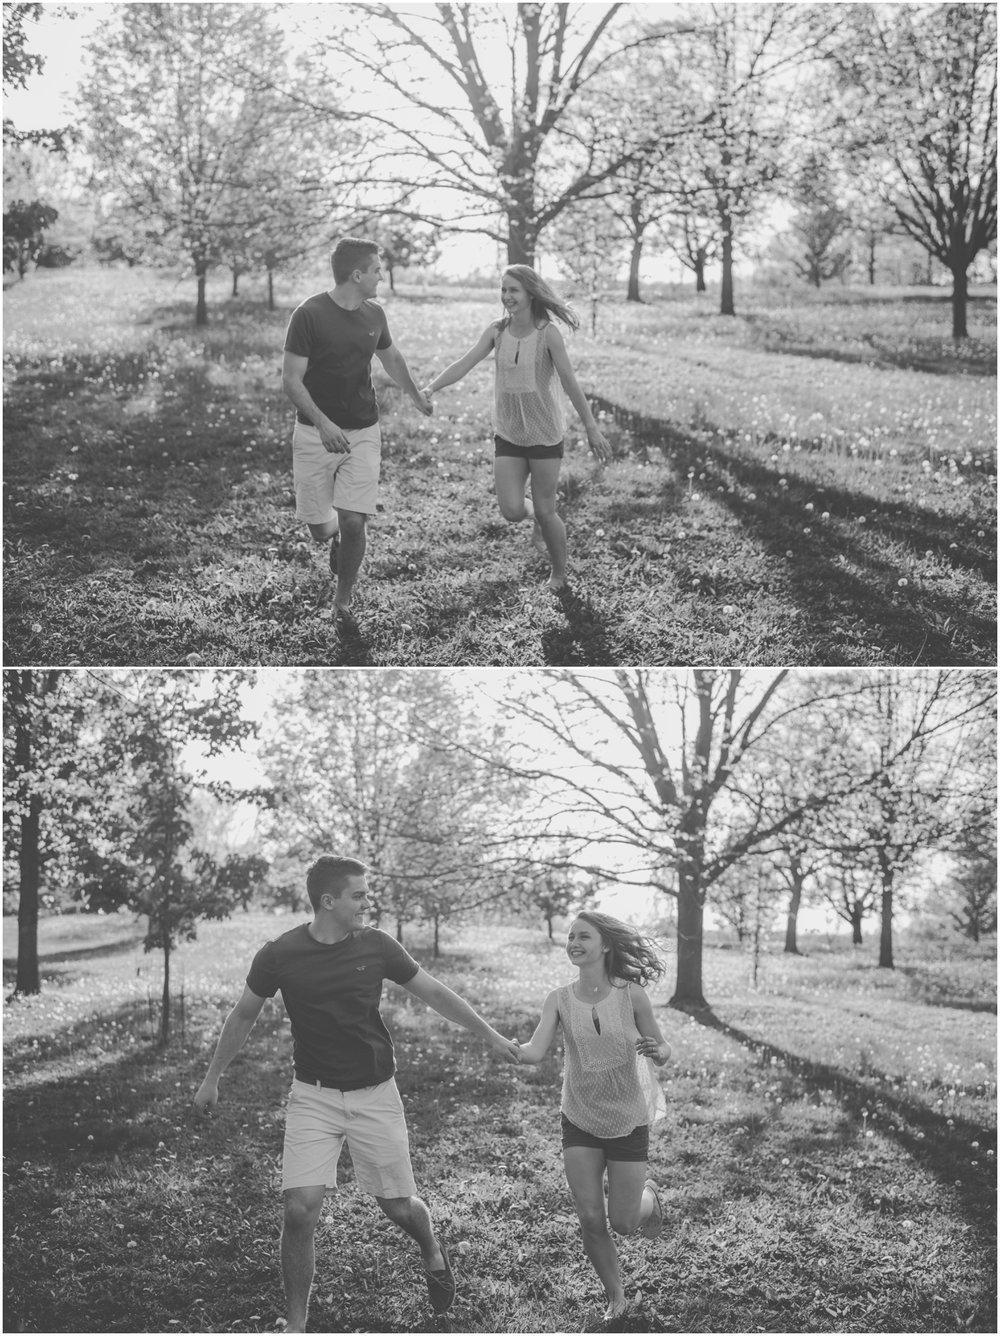 UW_Madison_Arboretum_Madison_WI_Engagement_Photos_Sydney_and_Tim_0015.jpg